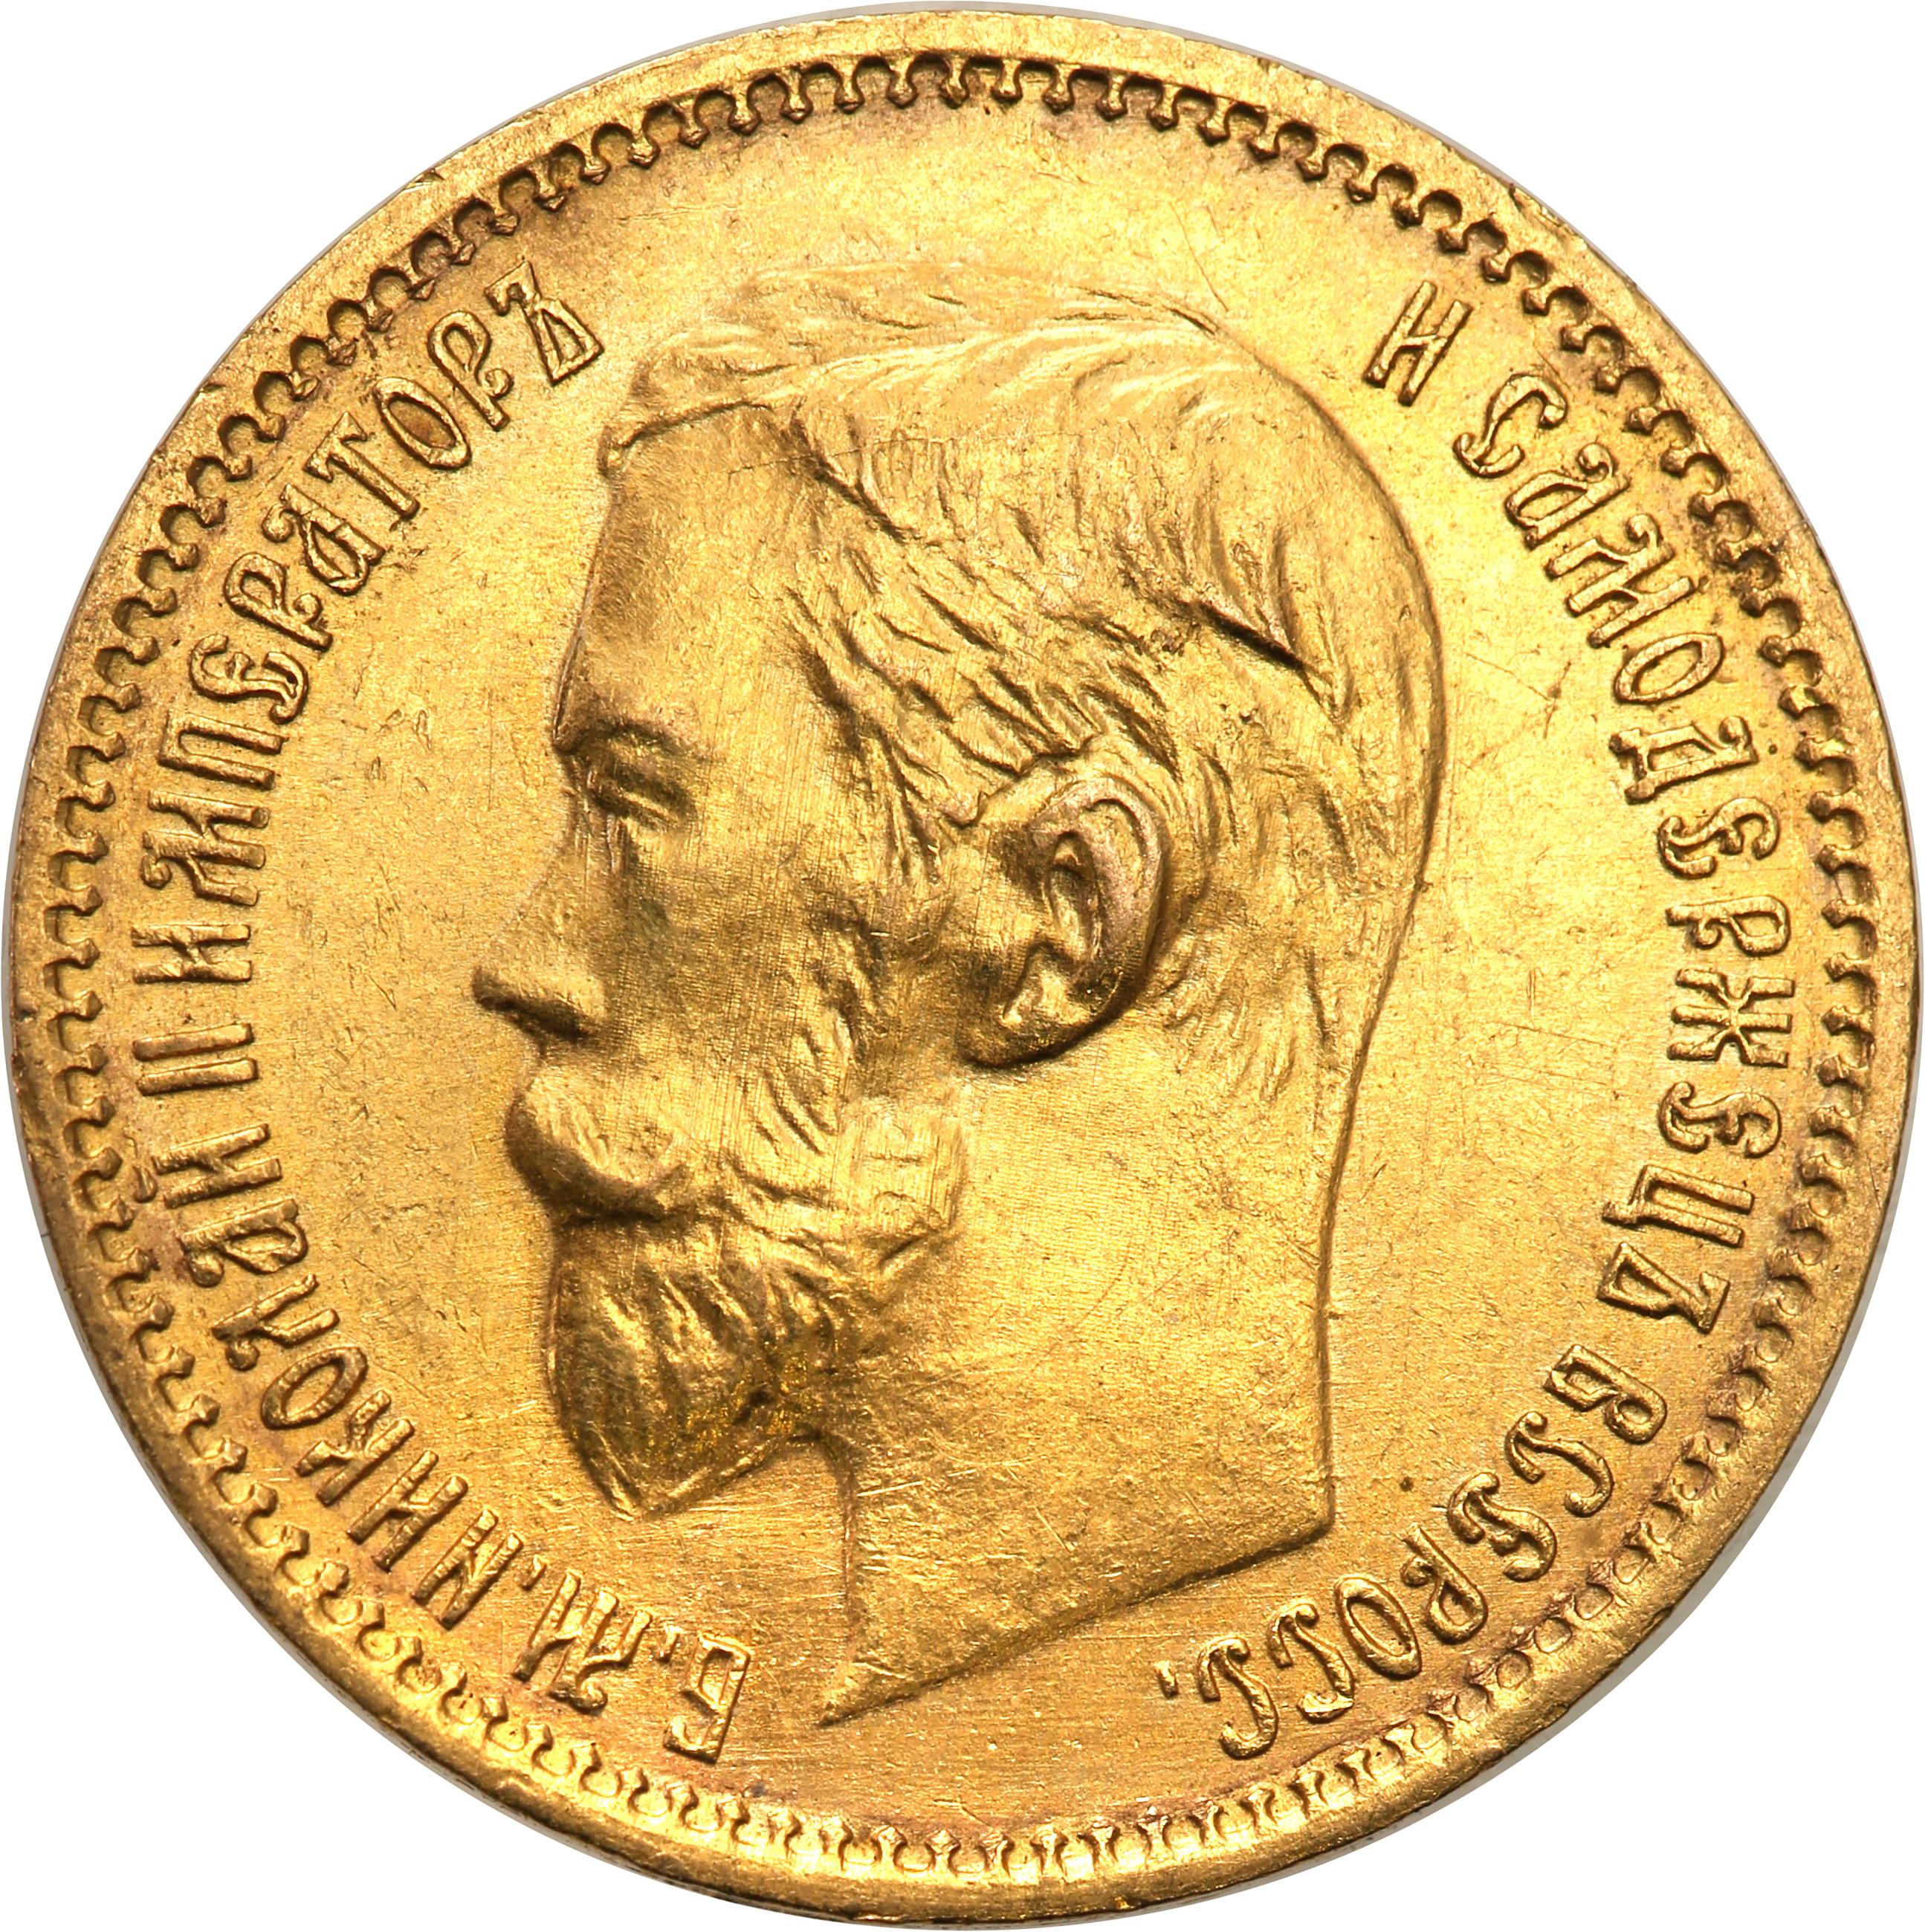 Rosja. Mikołaj II. 5 rubli 1901 (FZ), Petersburg st.1-